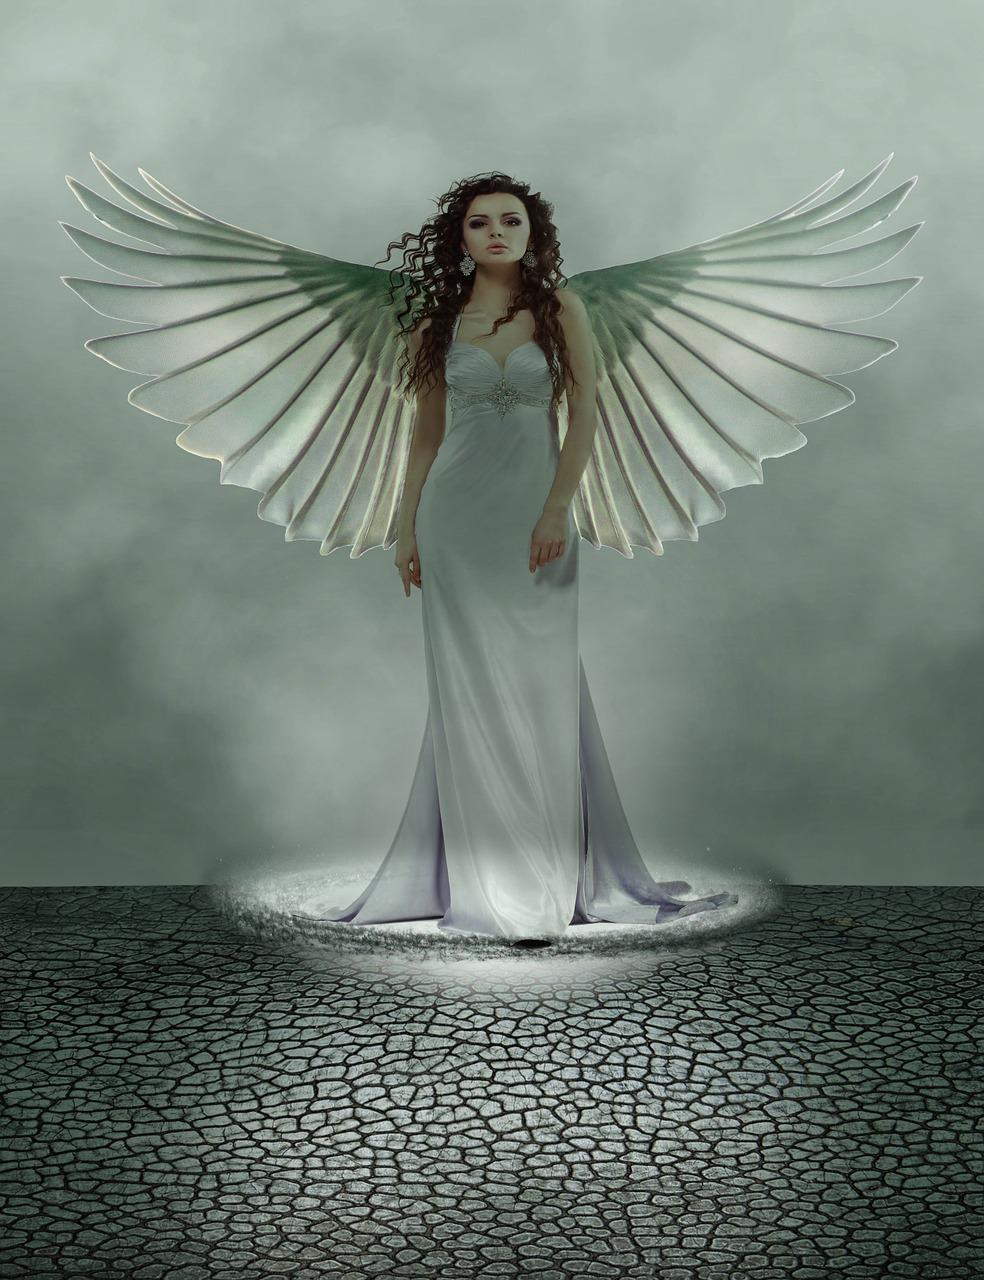 креативные ангелы картинки черном